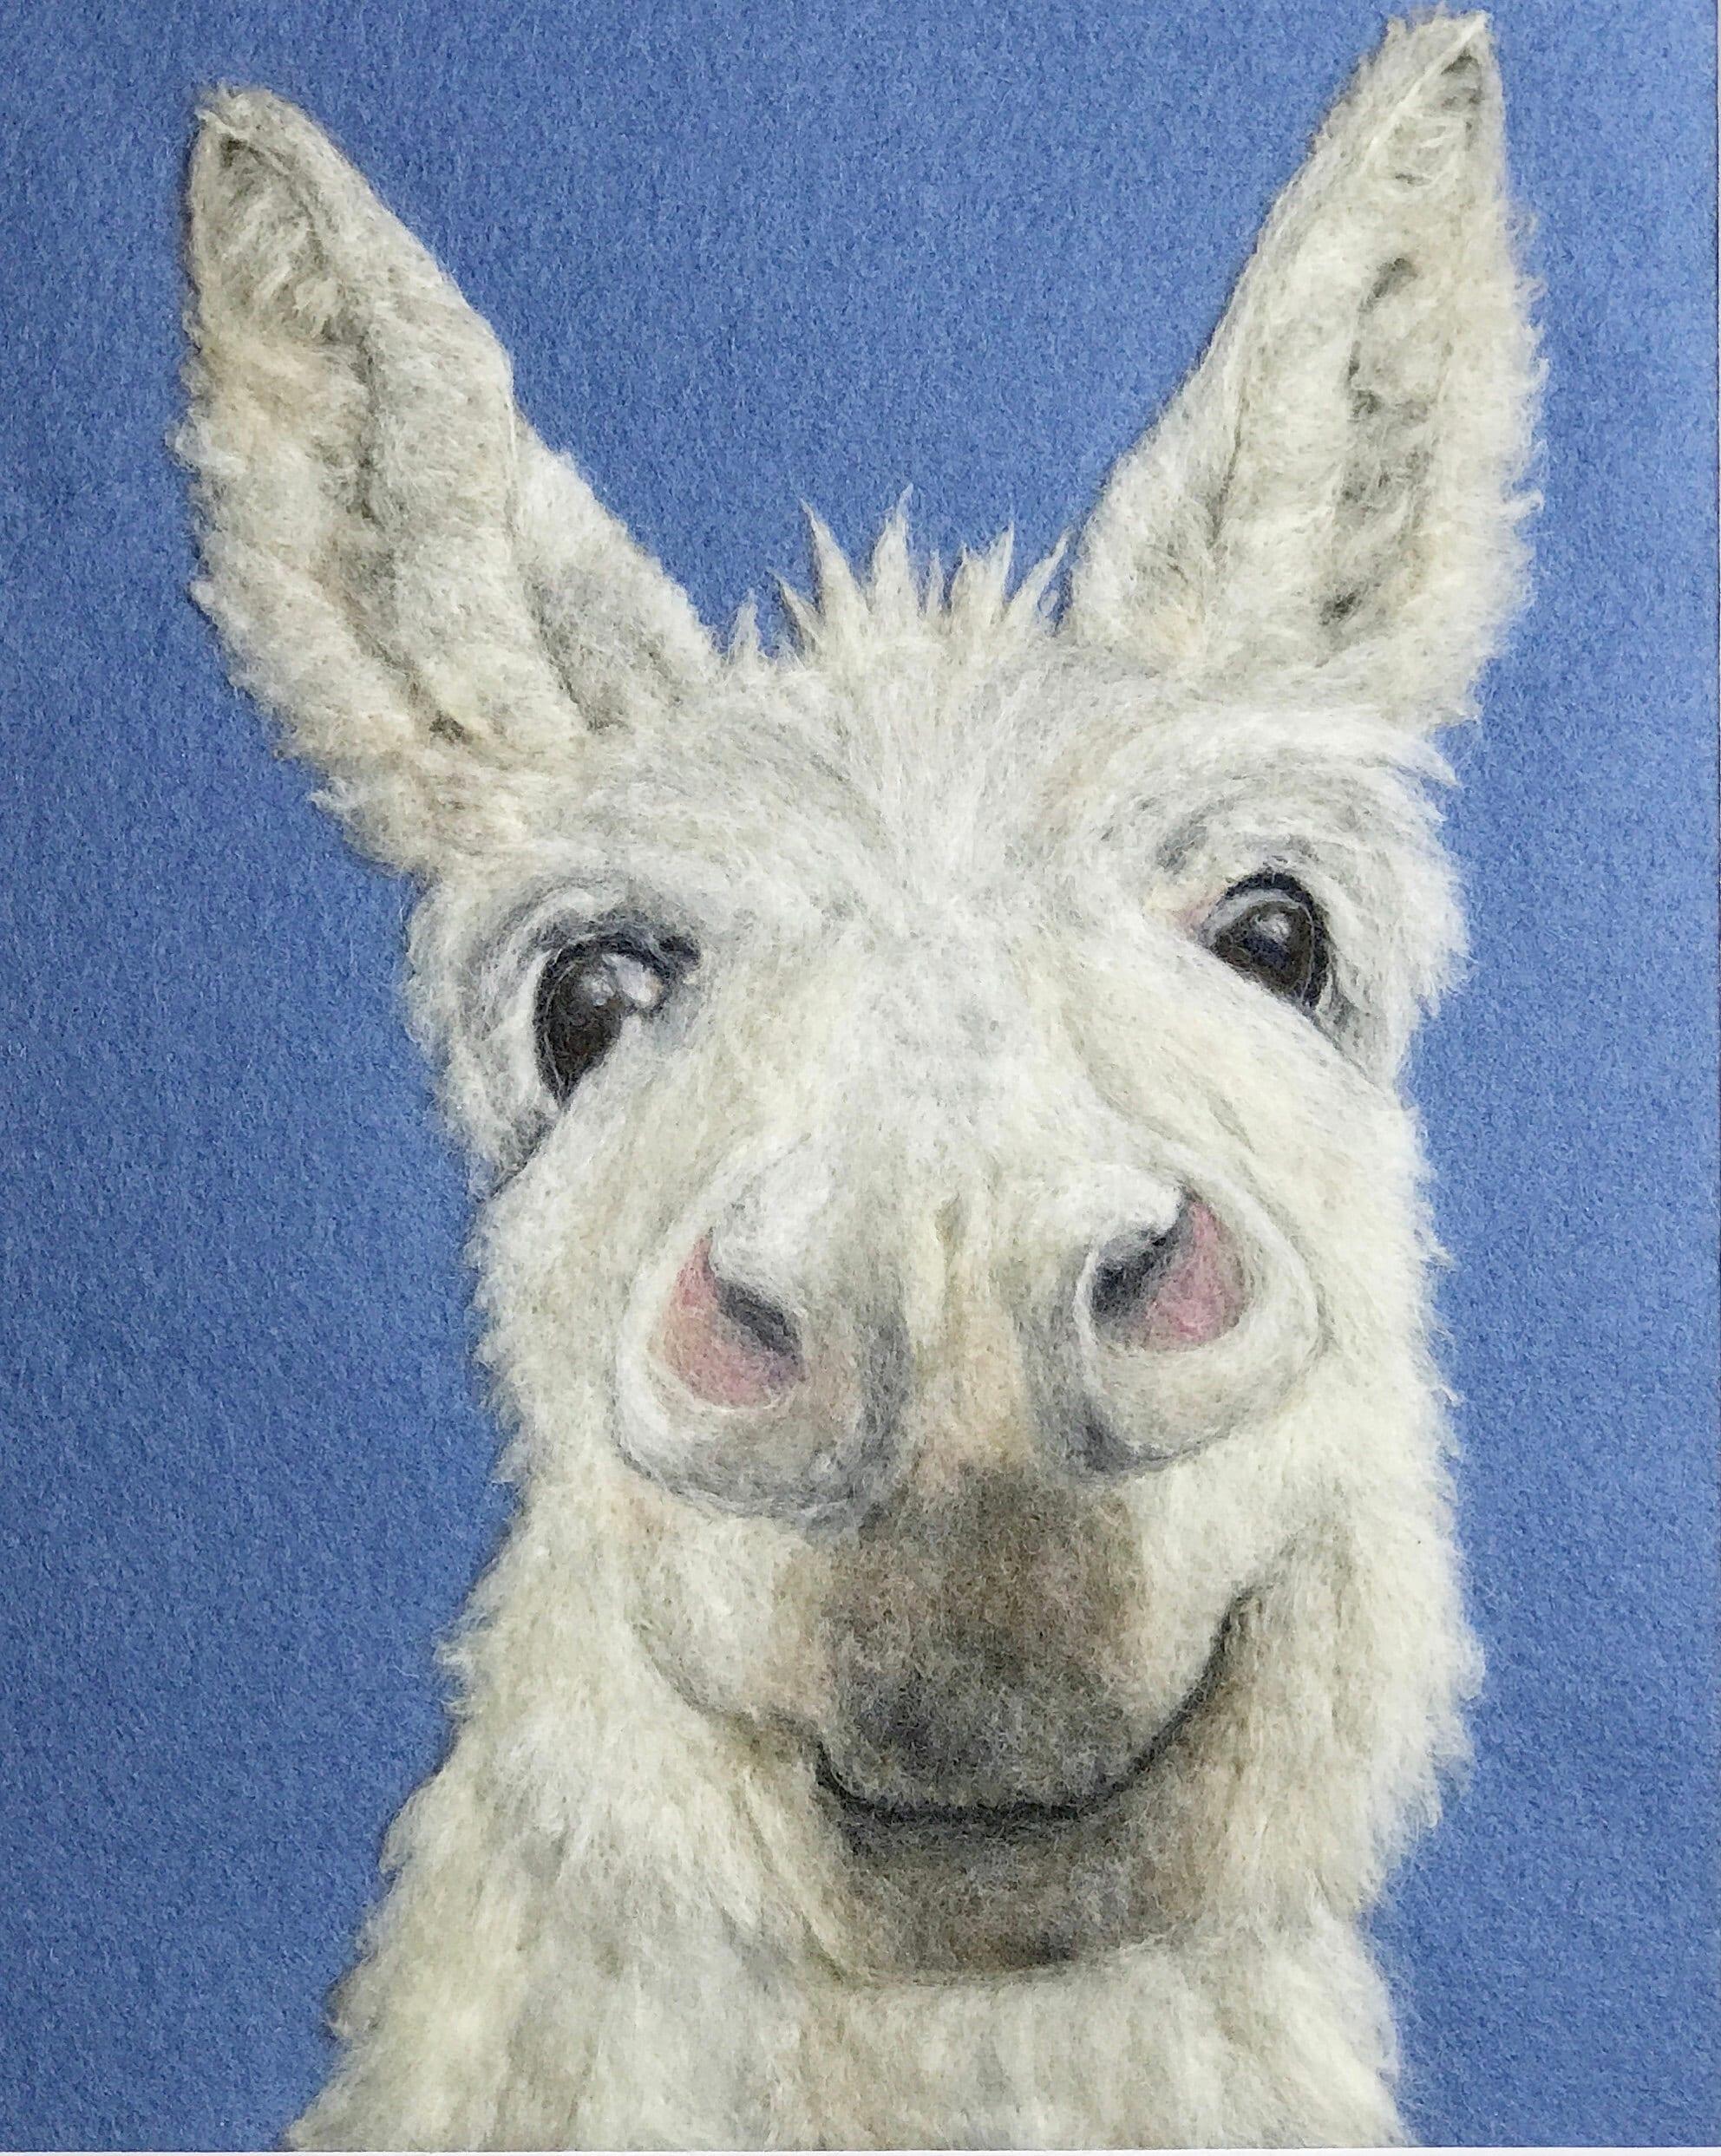 needle felt wool picture of donkey